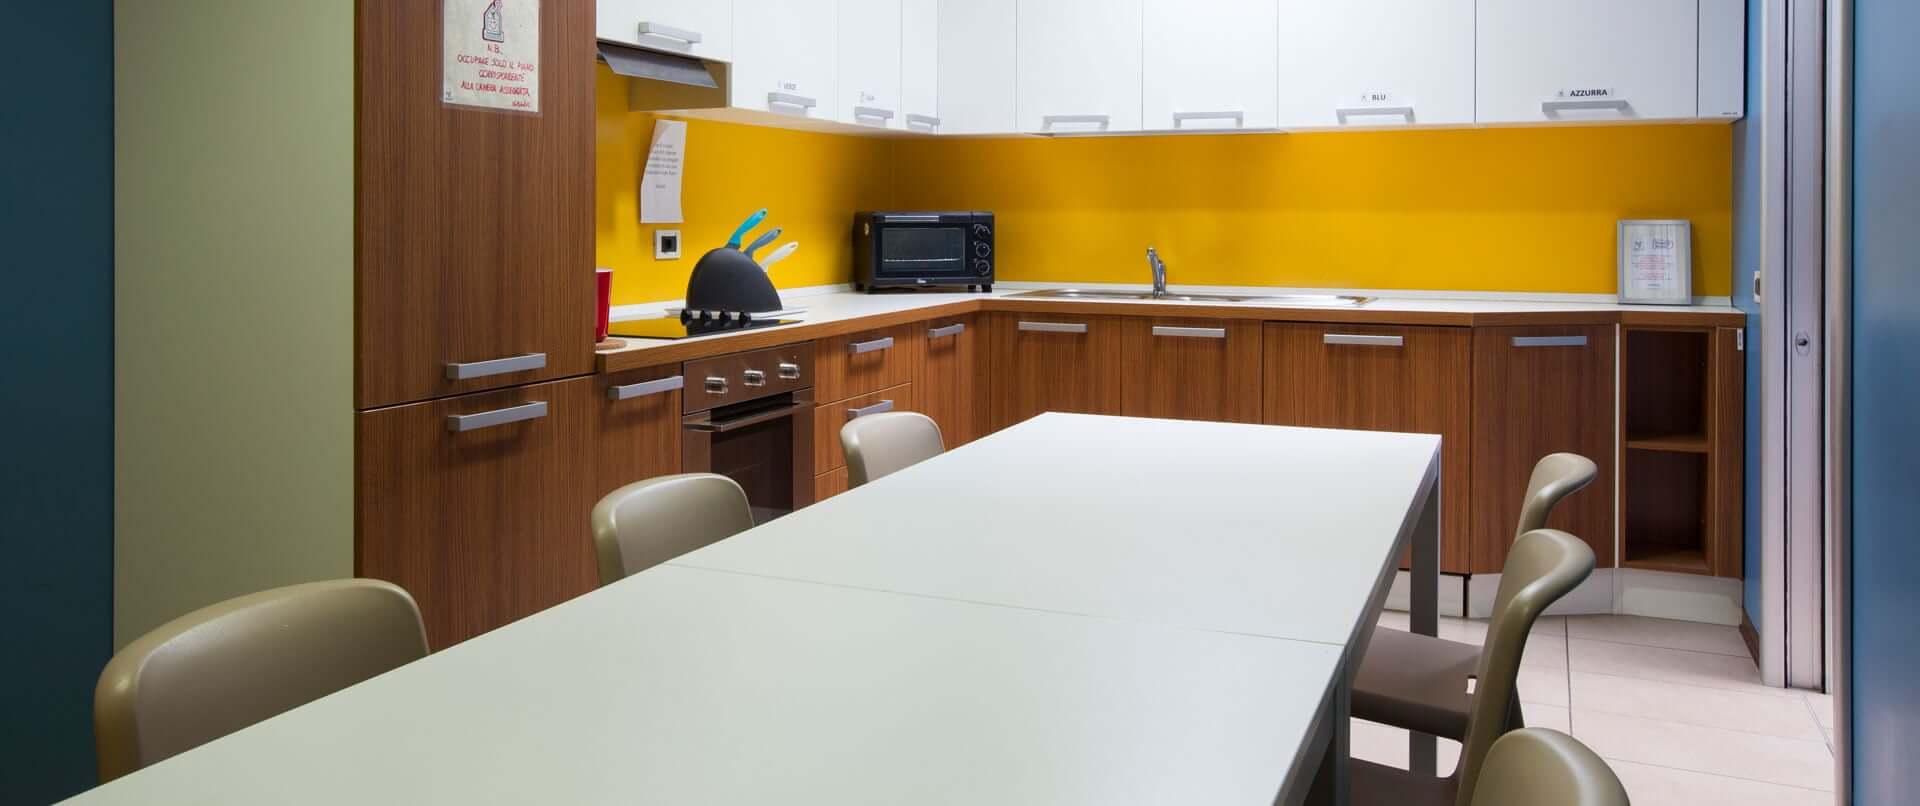 La cucina di family room Alessandria